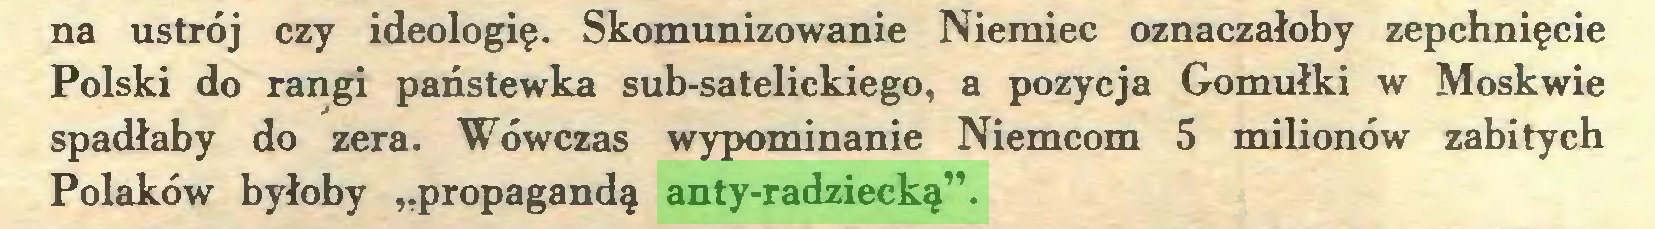 """(...) na ustrój czy ideologię. Skomunizowanie Niemiec oznaczałoby zepchnięcie Polski do rangi państewka sub-satelickiego, a pozycja Gomułki w Moskwie spadłaby do zera. Wówczas wypominanie Niemcom 5 milionów zabitych Polaków byłoby """"propagandą anty-radziecką""""..."""